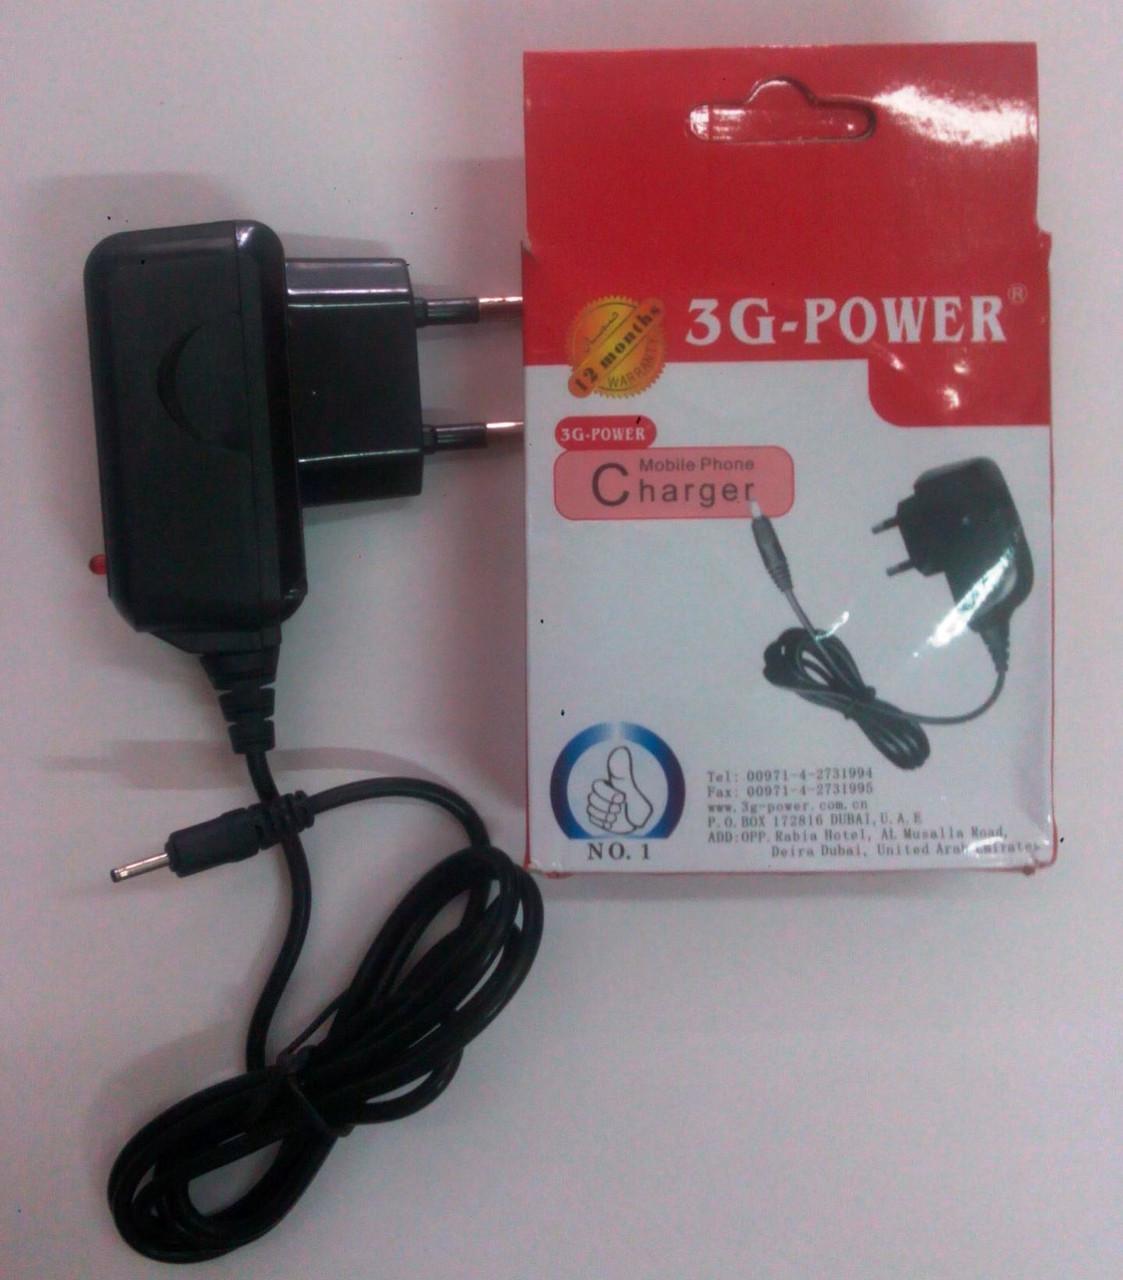 Зарядные устройства для моб тел NOKIA 6101